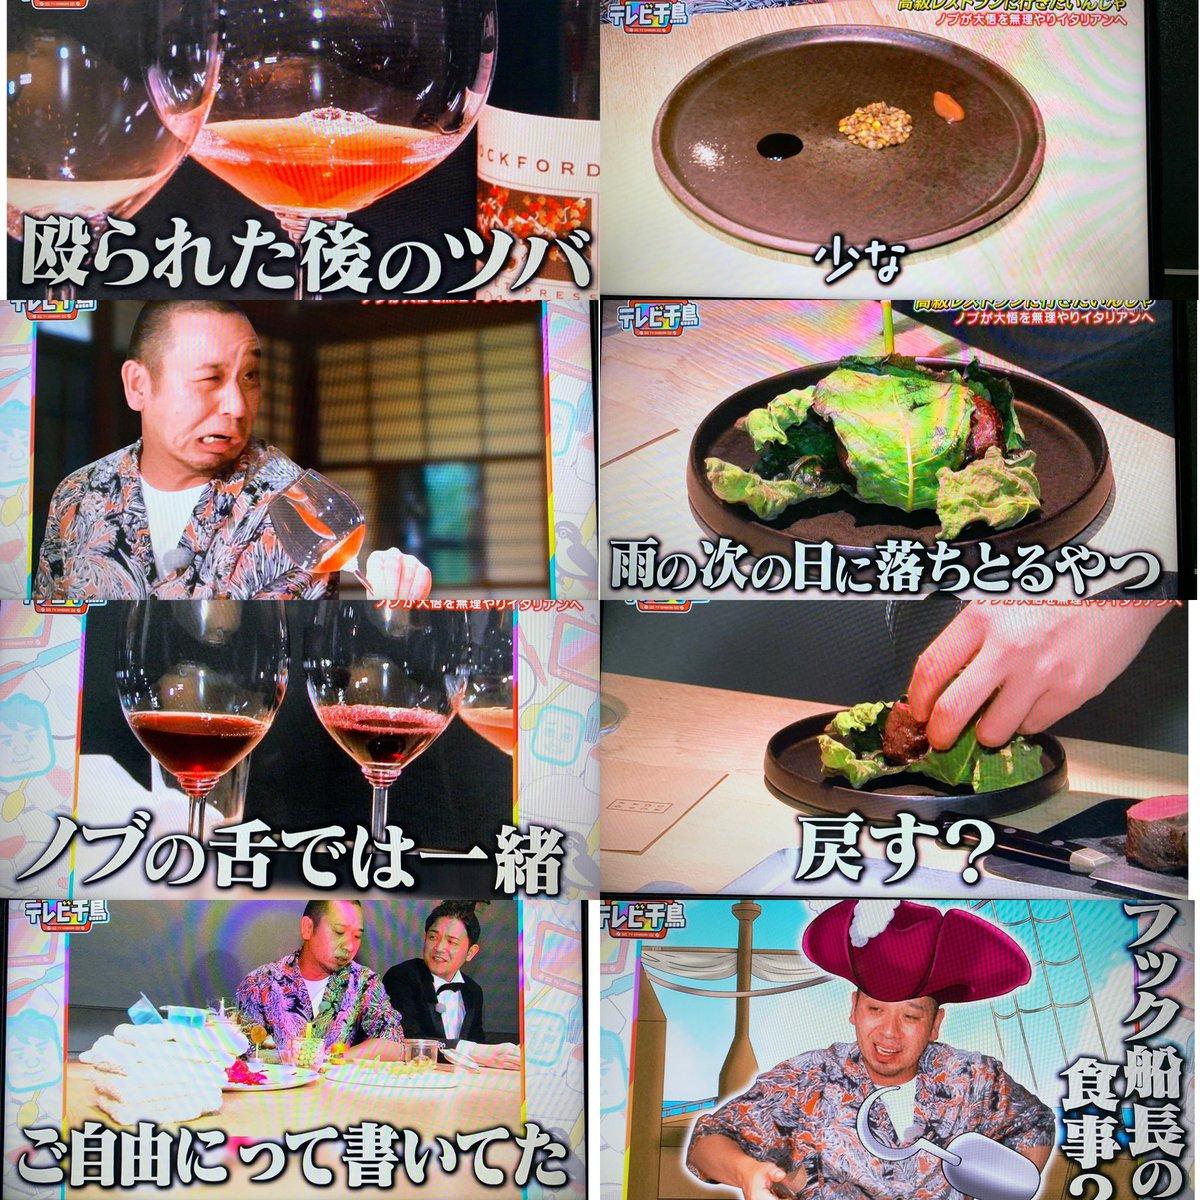 レストラン 高級 テレビ 千鳥